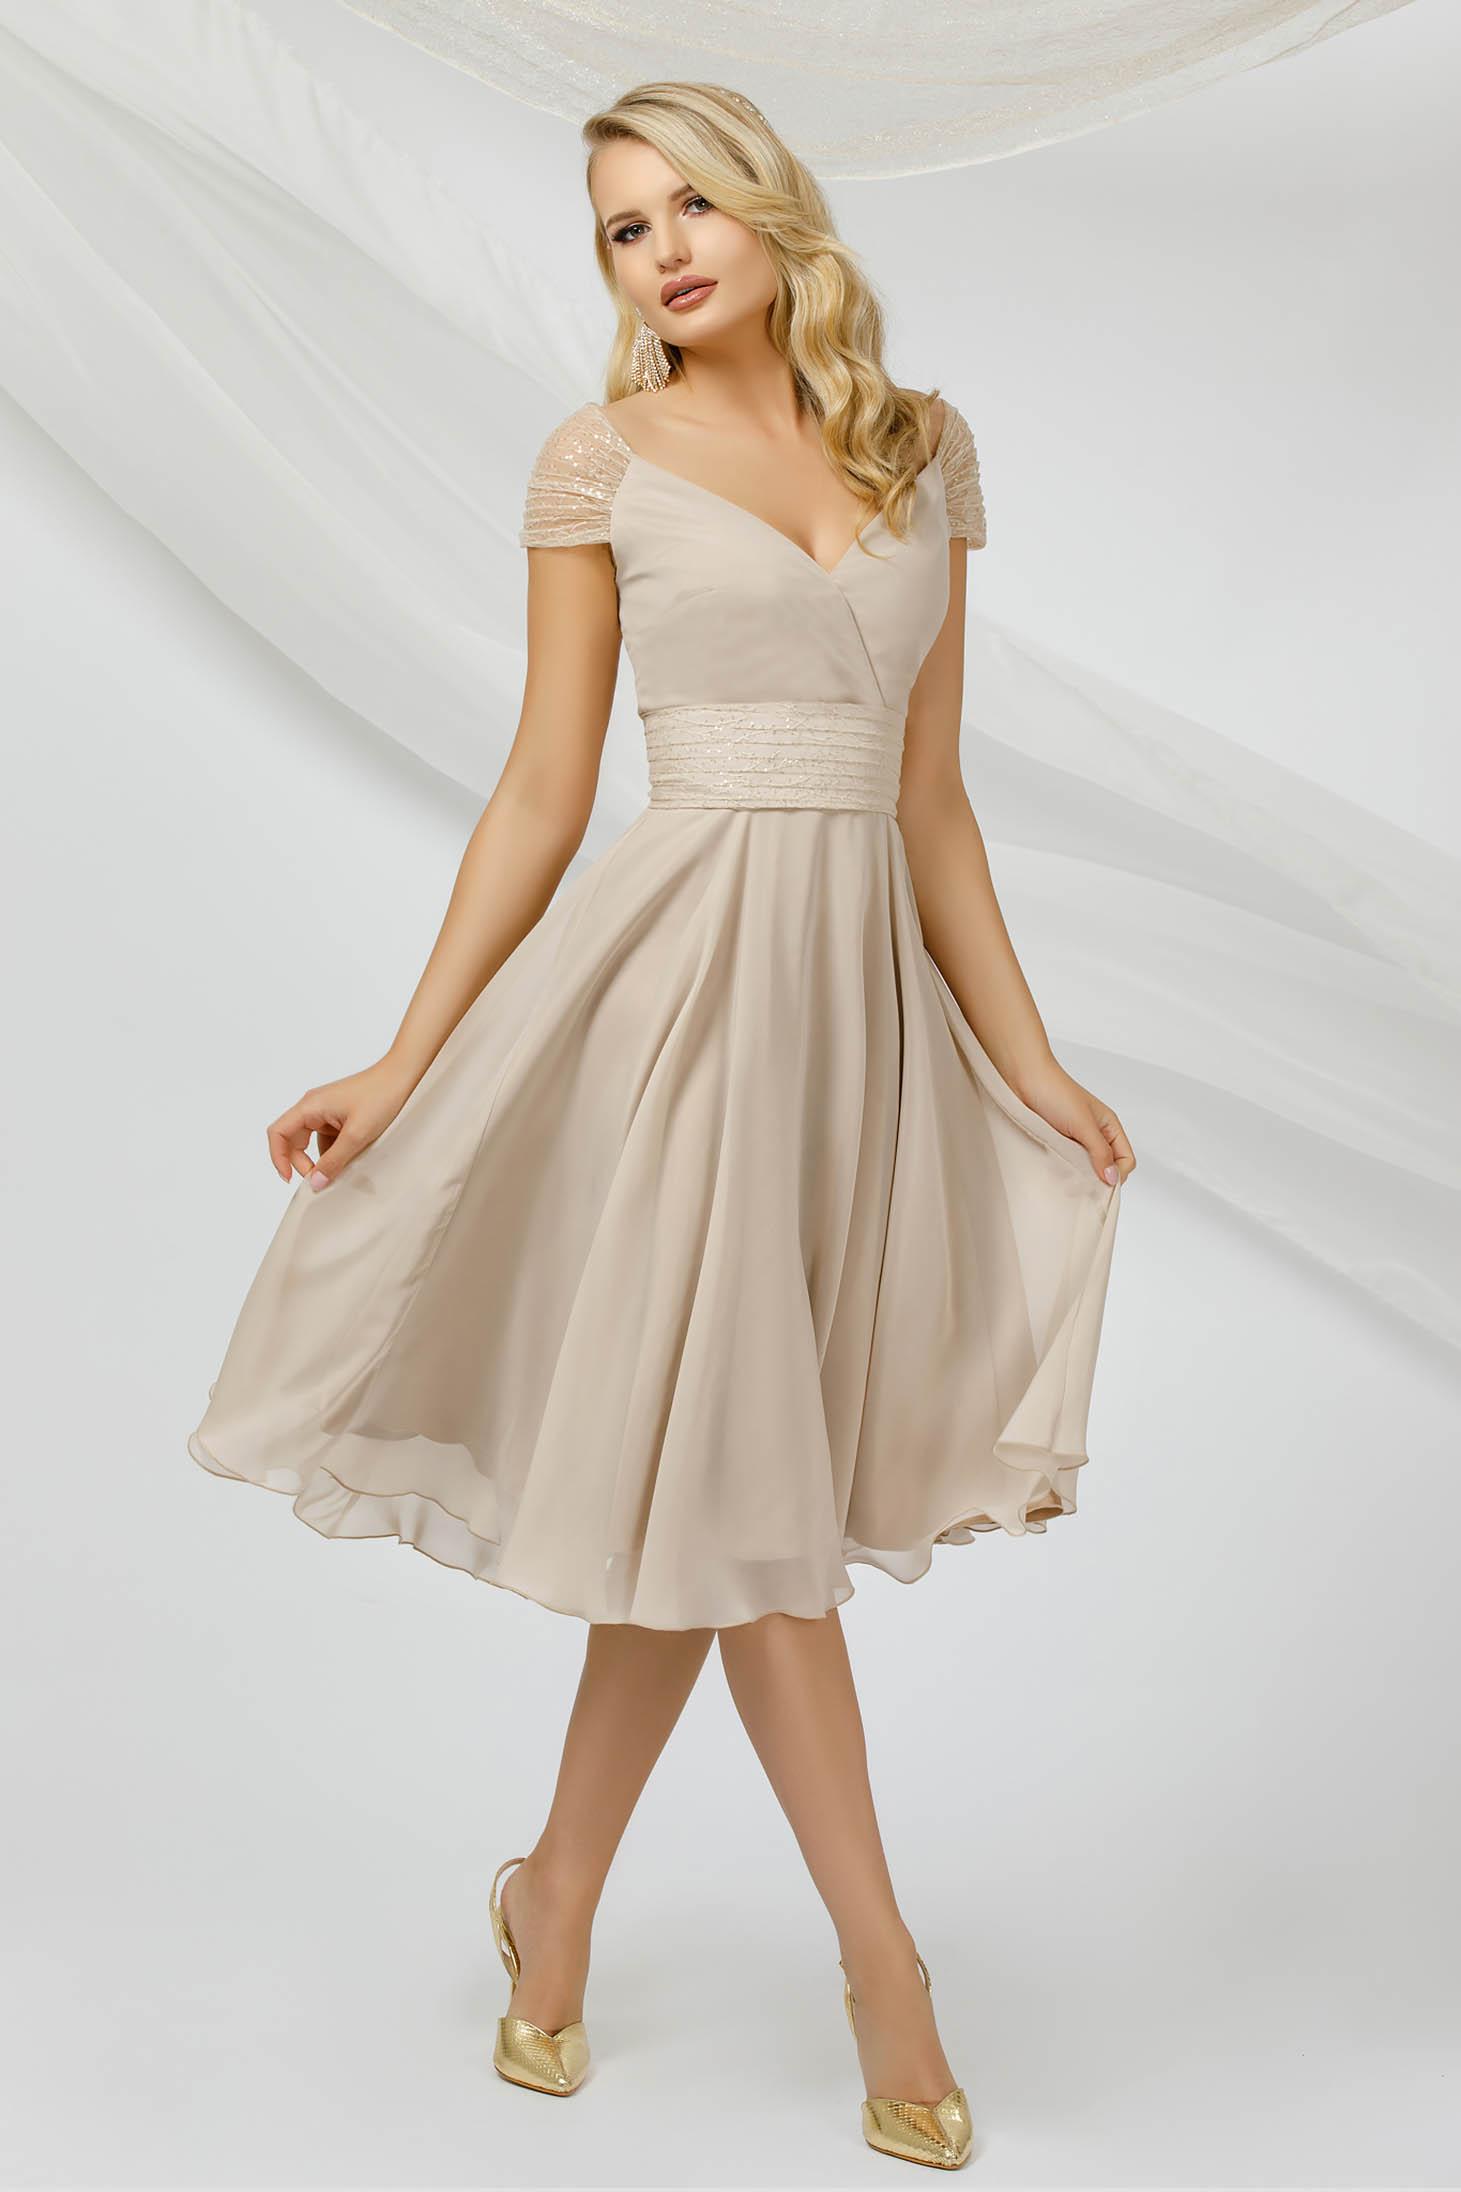 Alkalmi midi krémszínű ruha vékony muszlinból flitteres díszítéssel